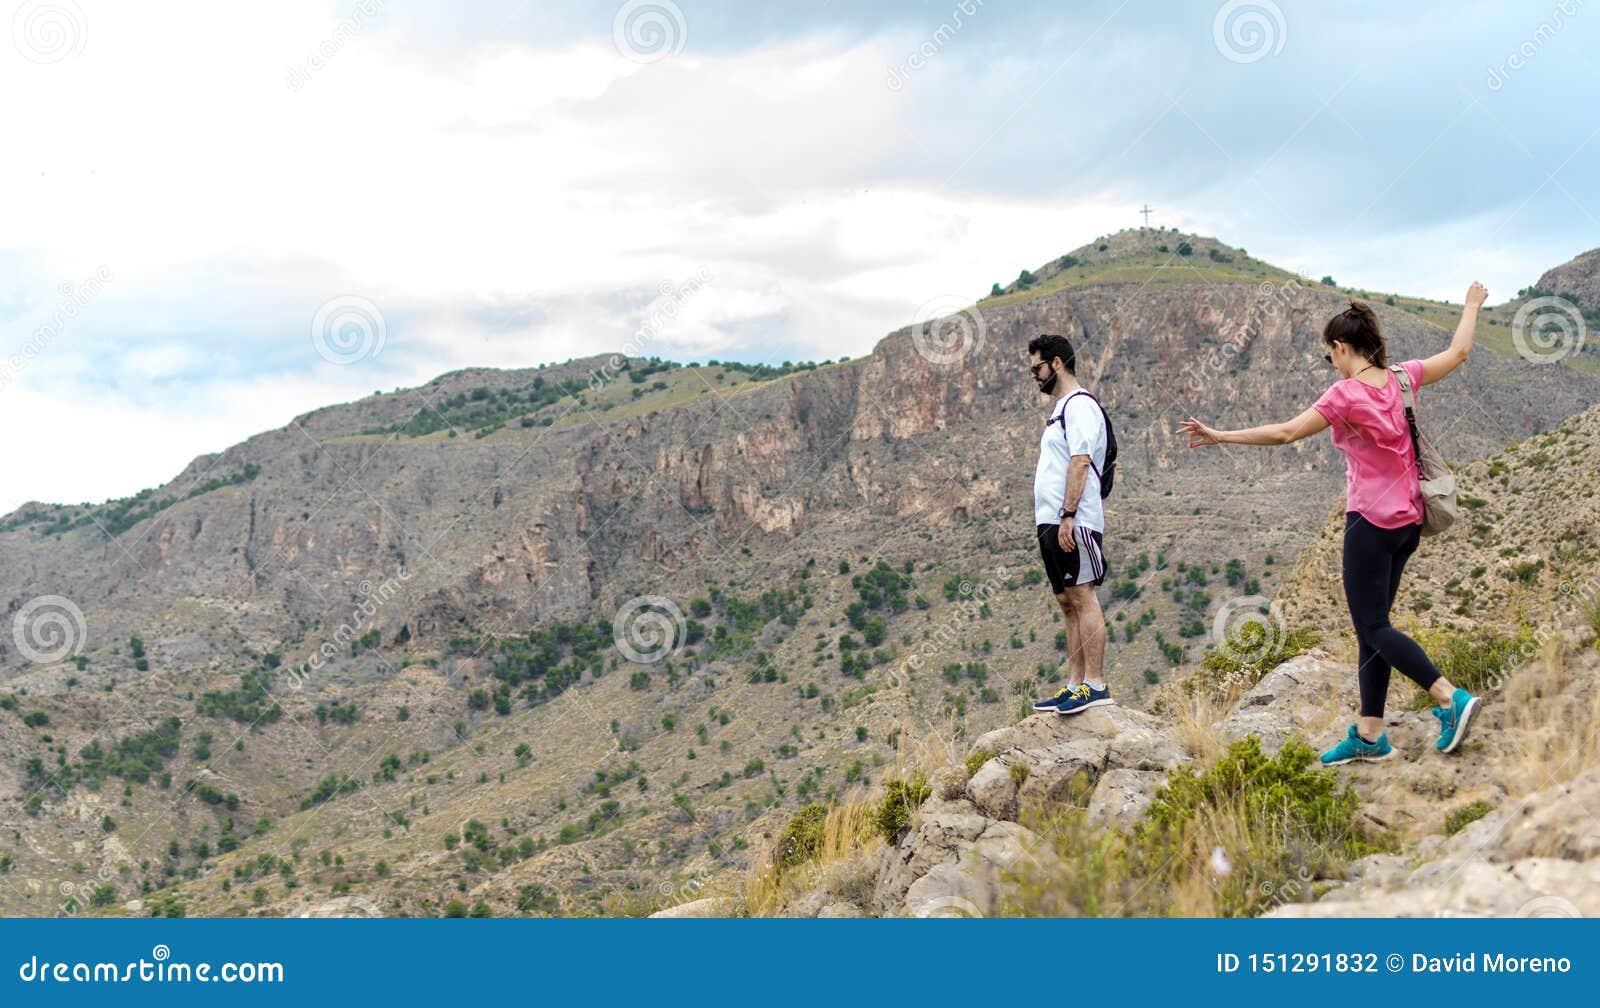 Orihuela, Espanha - 22 de junho de 2019: Grupo que caminha ir ao longo do monte no verão